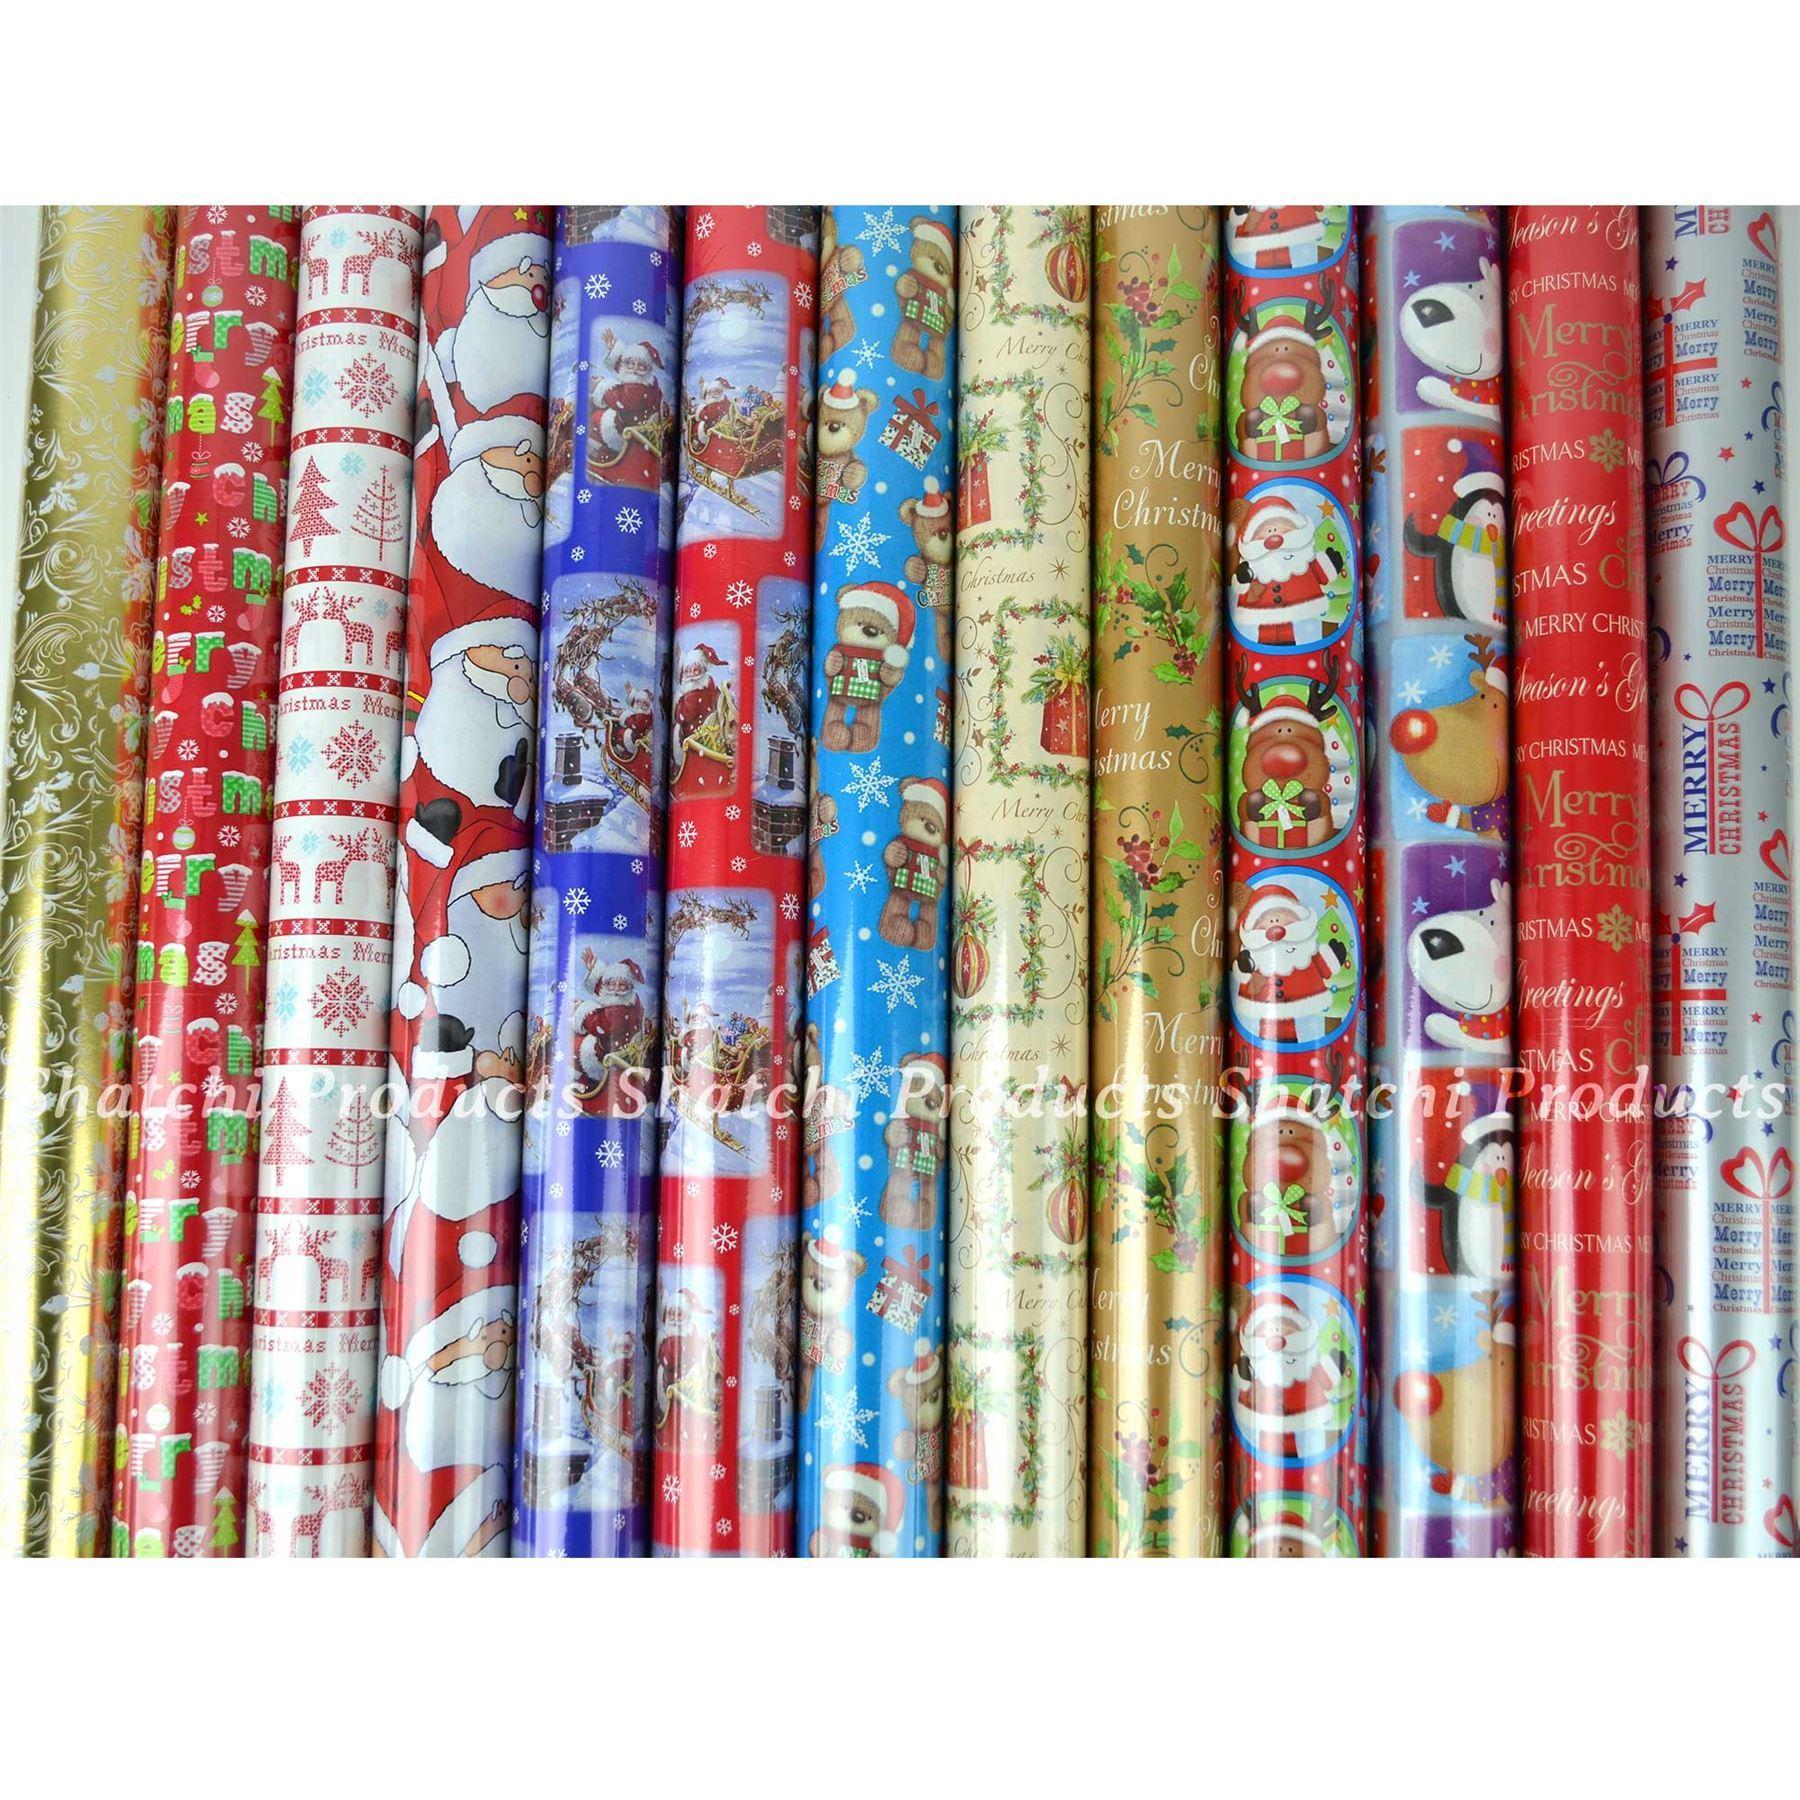 10M-Natale-Regalo-Wrap-Assortiti-ROTOLI-DI-CARTA-DA-PACCO-ROTOLO-REGALO-DI-NATALE miniatura 27